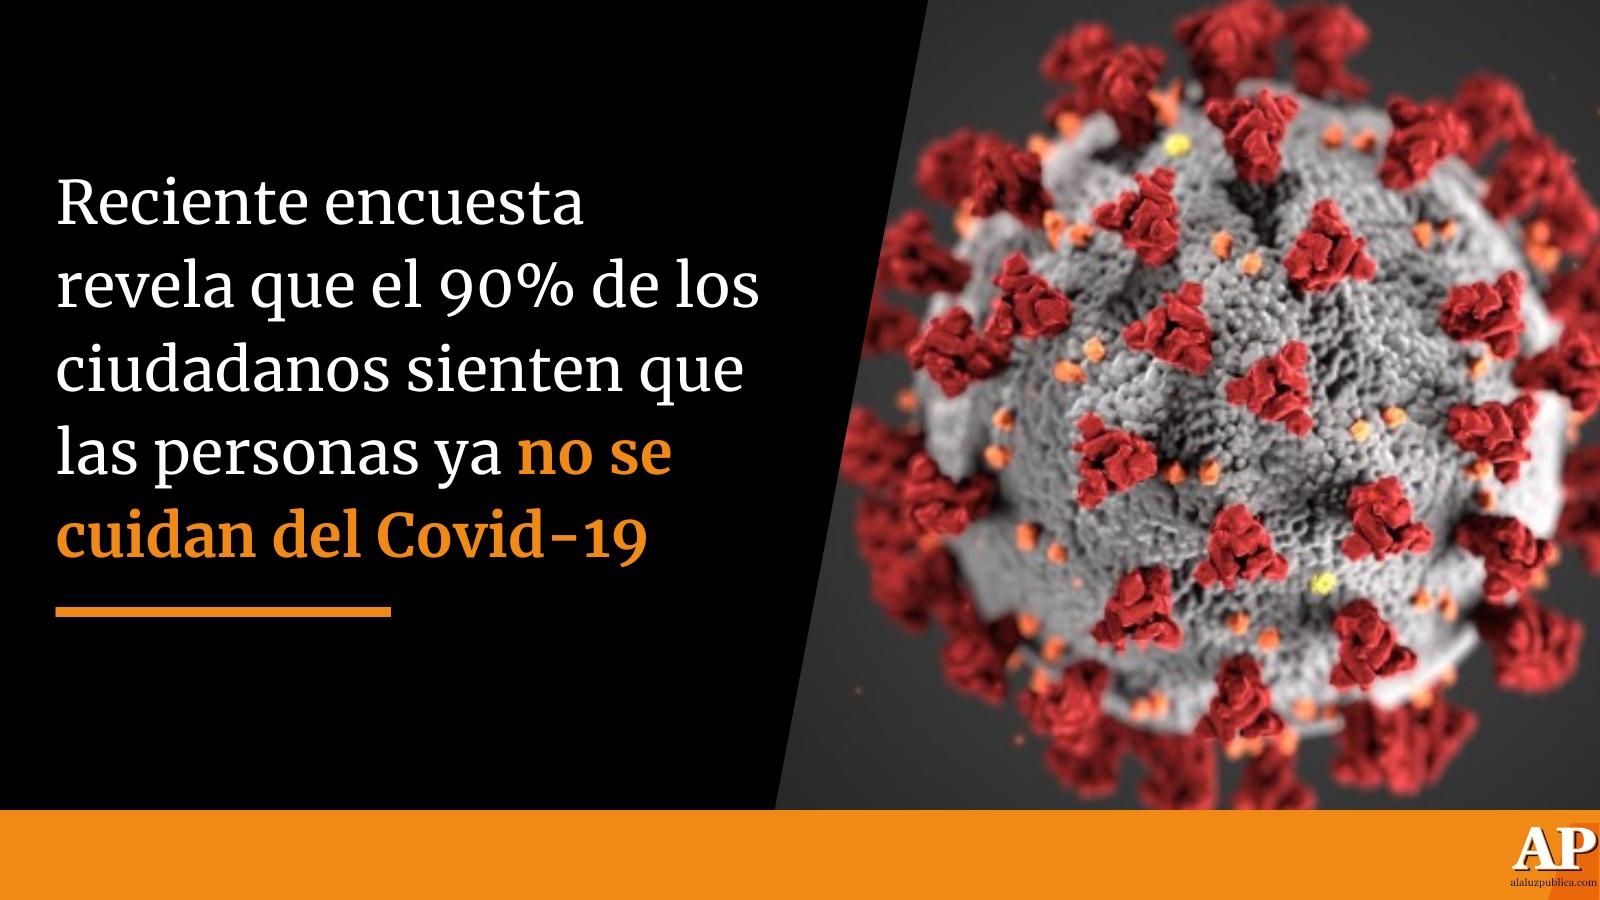 Encuesta revela que el 90% de los colombianos sienten que las personas no se cuida del Covid-19 2